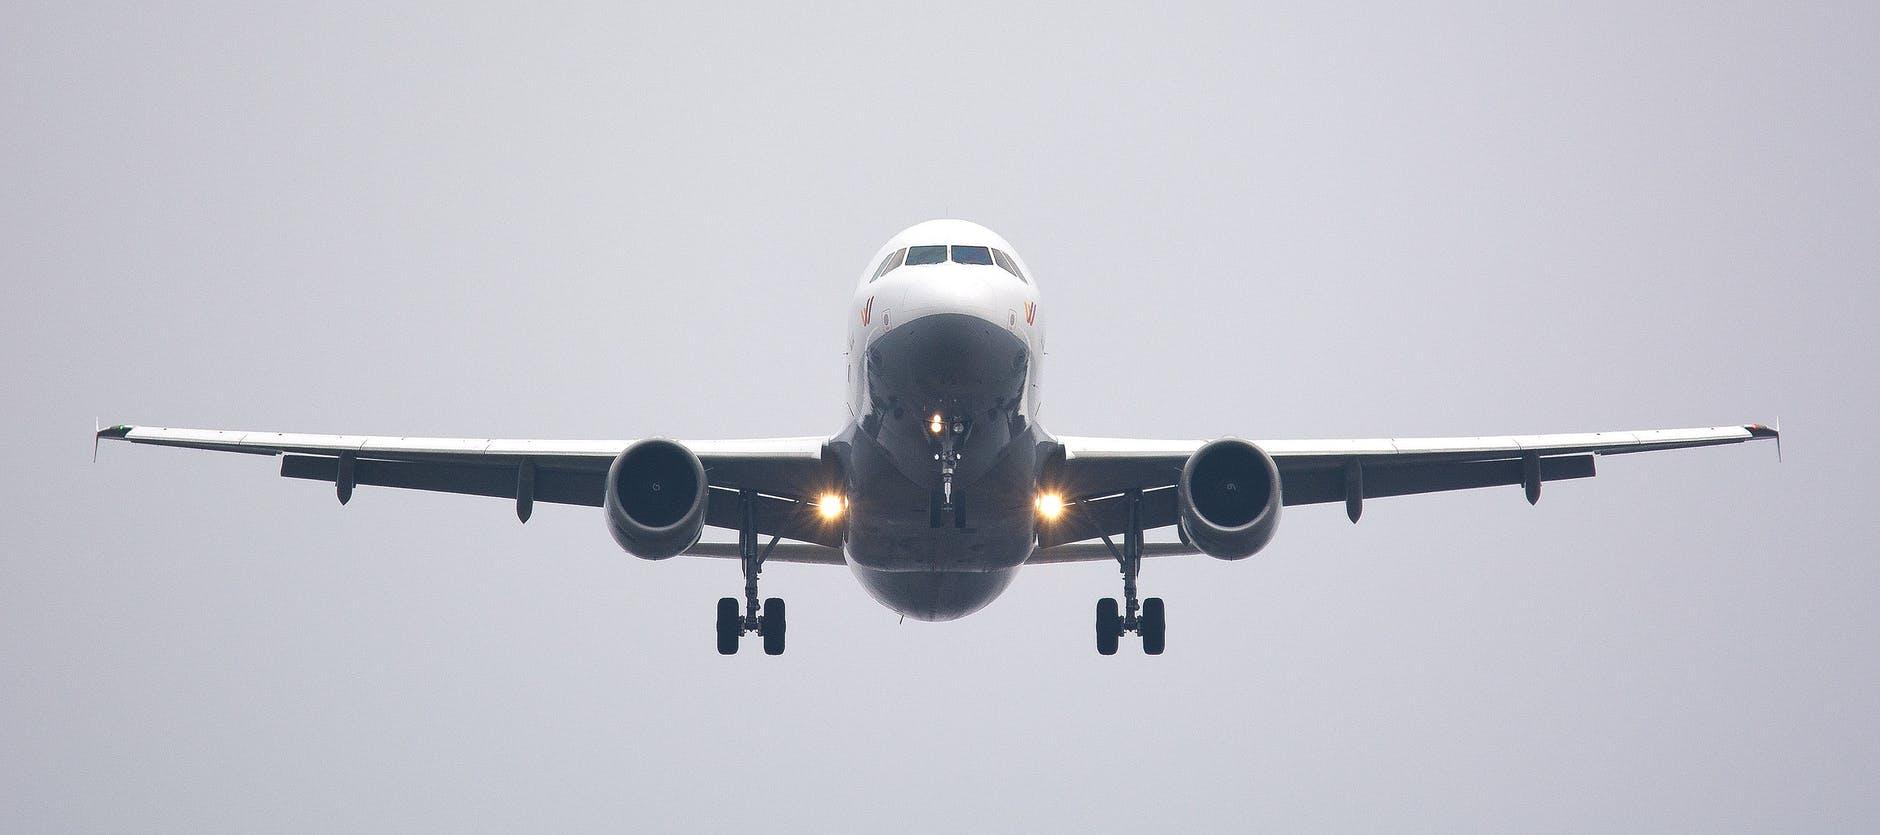 Аэрофлот временно отменяет рейсы в испанские города, а S7 запускает новый специальный рейс в Малагу